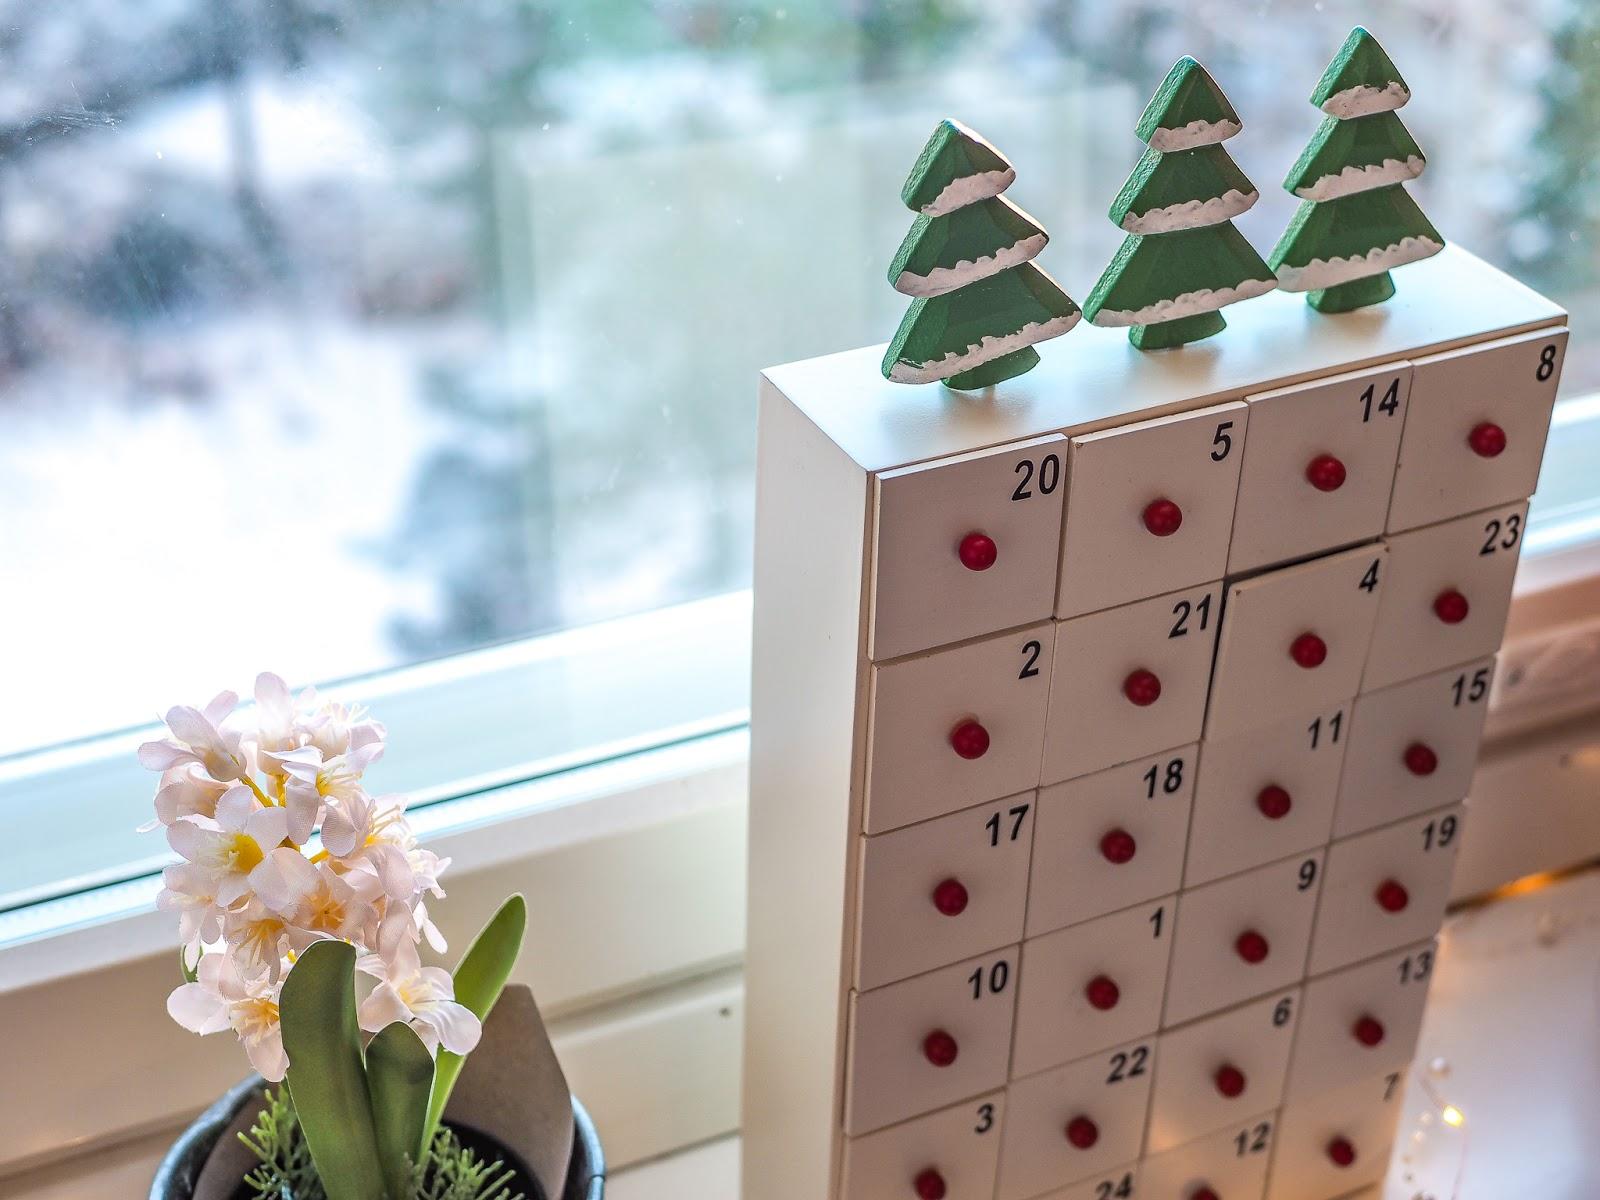 Aineeton joulukalenteri perustuu yhdessä tekemiseen. Joka päivä tehdään yhdessä jotain mukavaa, kuten leivotaan, askarrellaan tai mennään retkelle.